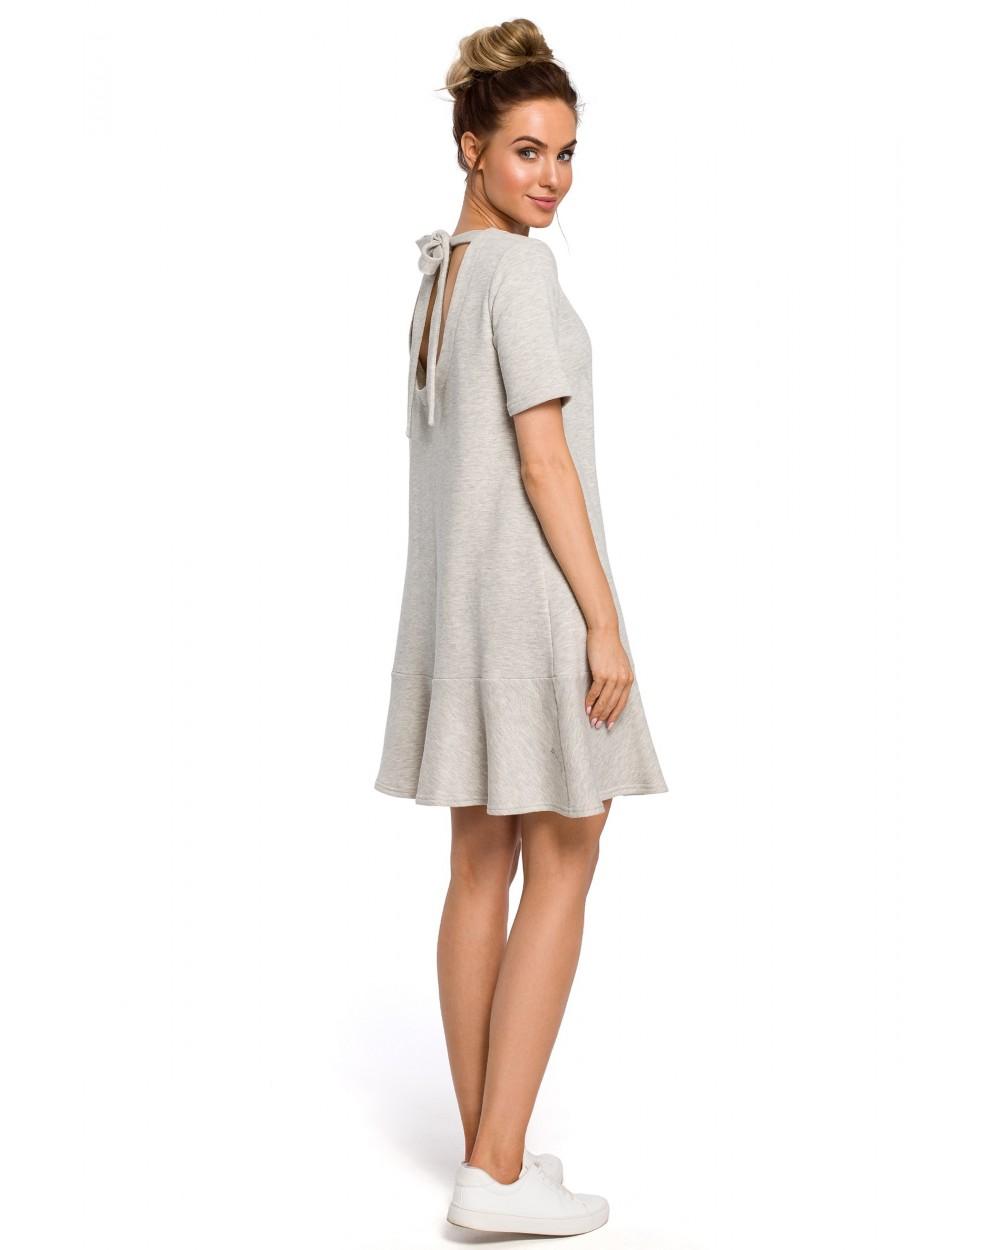 Sukienka damska oversize szara trapezowa sklep internetowy